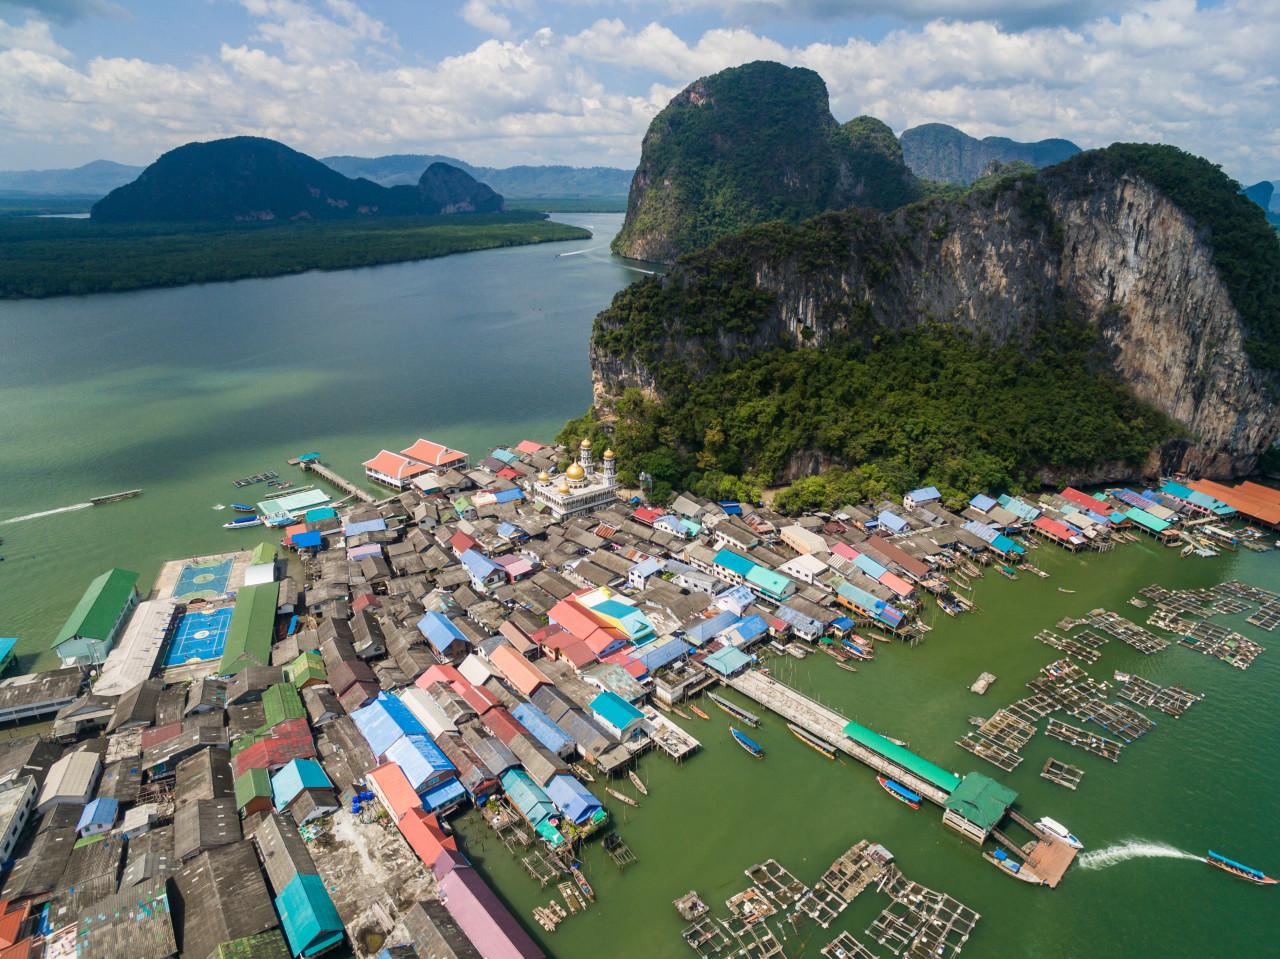 Vue du village de pêcheurs Ko Panyee dans la baie de Phang Nga. (© Parshina Marina - Shutterstock.com))